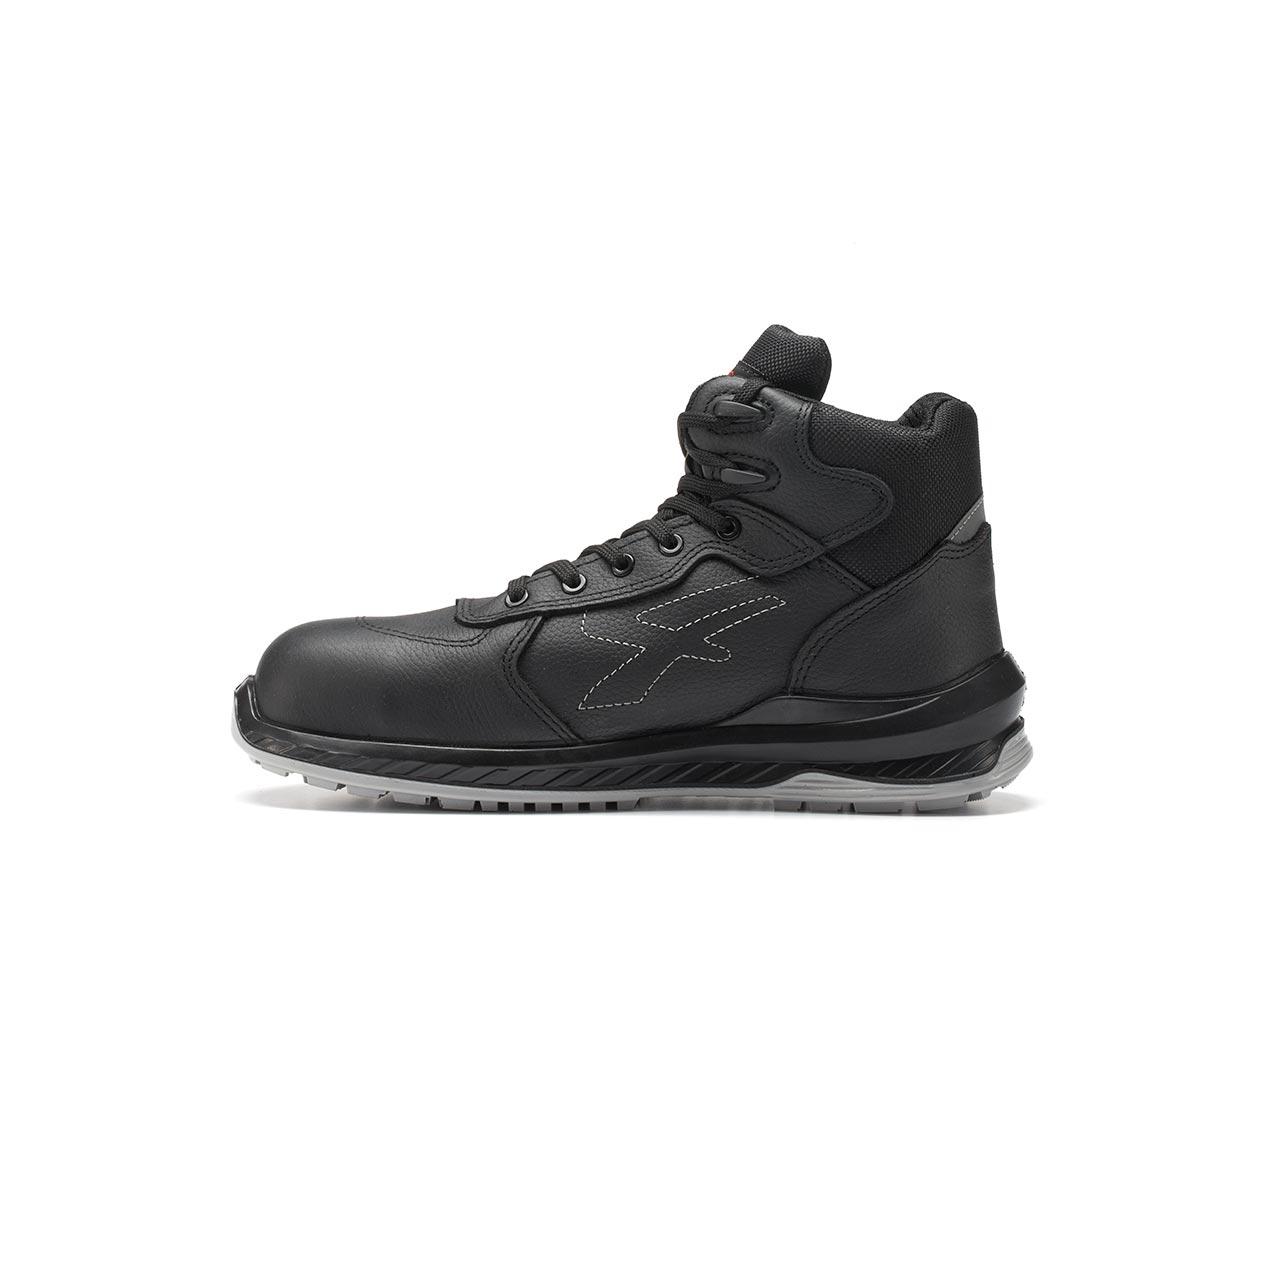 calzatura da lavoro alta upower modello scuro linea redindustry vista lato sinistra